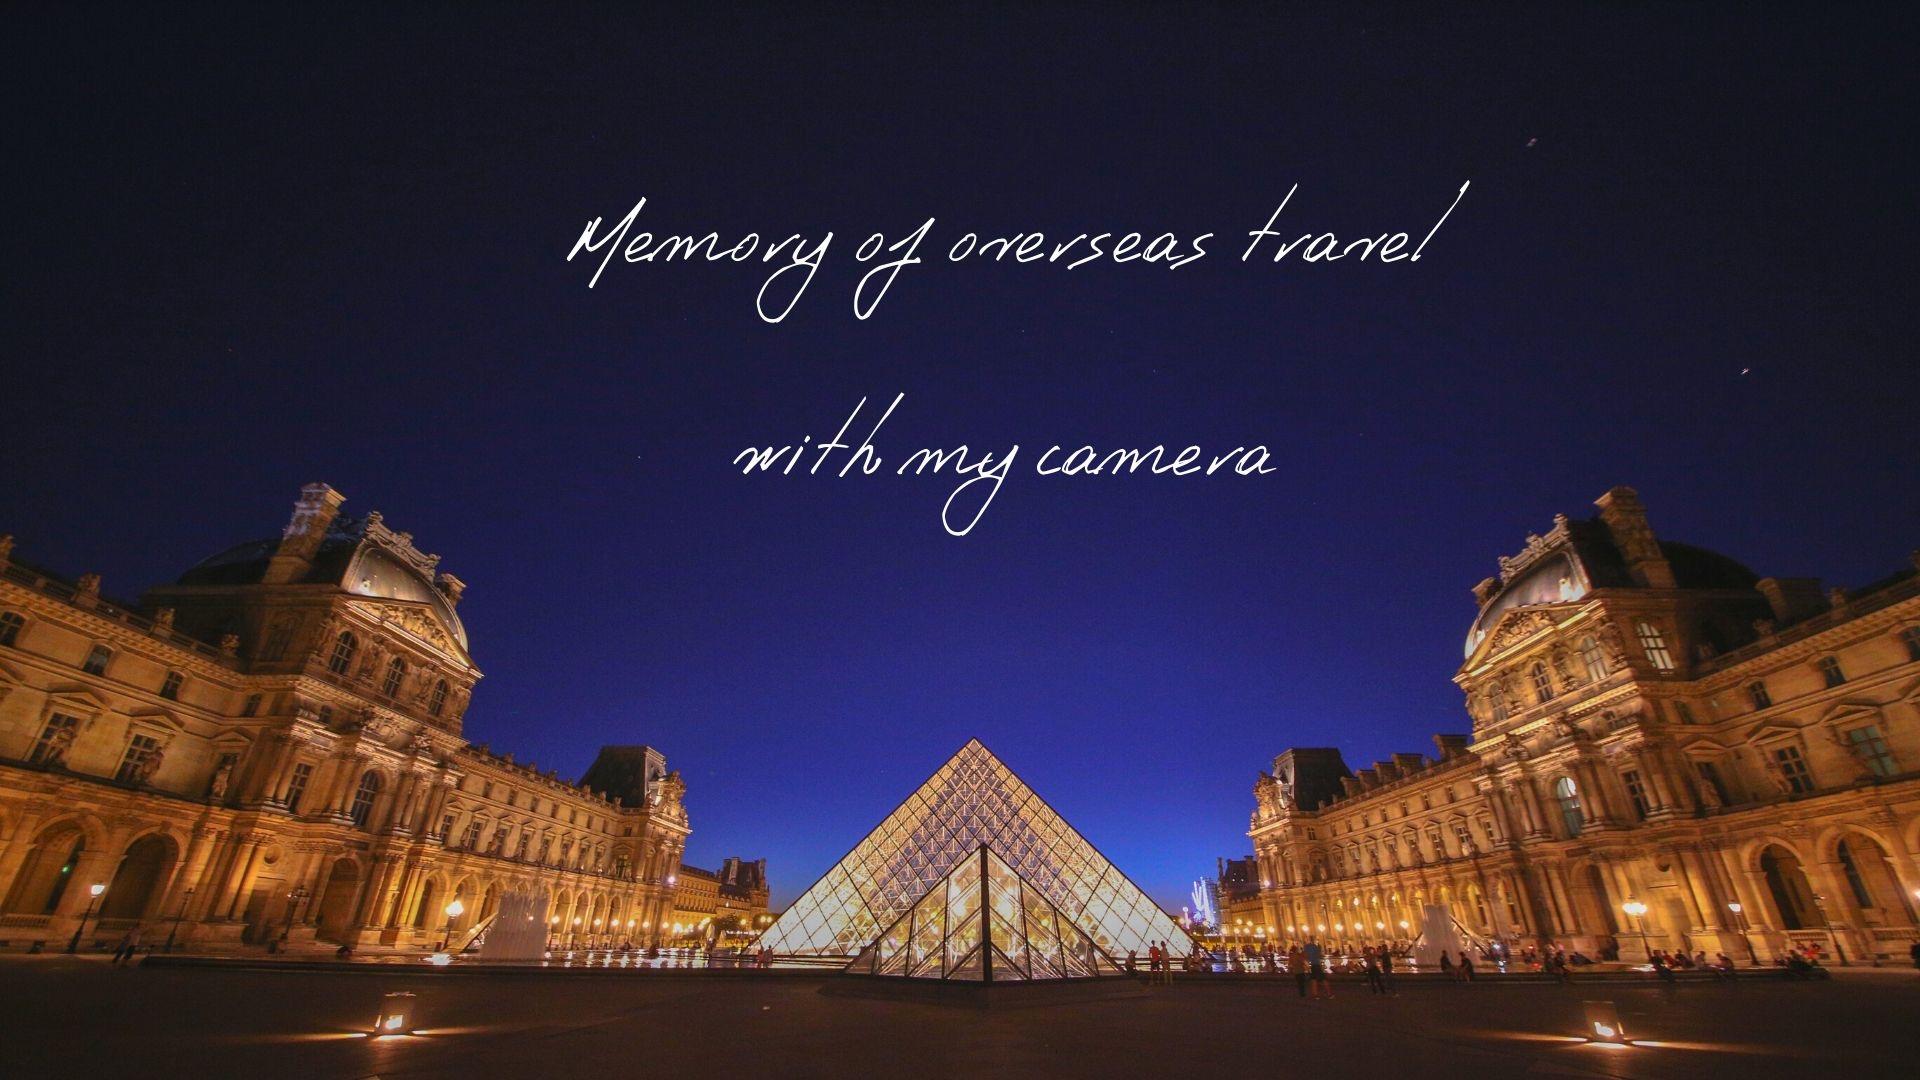 【ヨーロッパ】旅行memory【海外旅行】